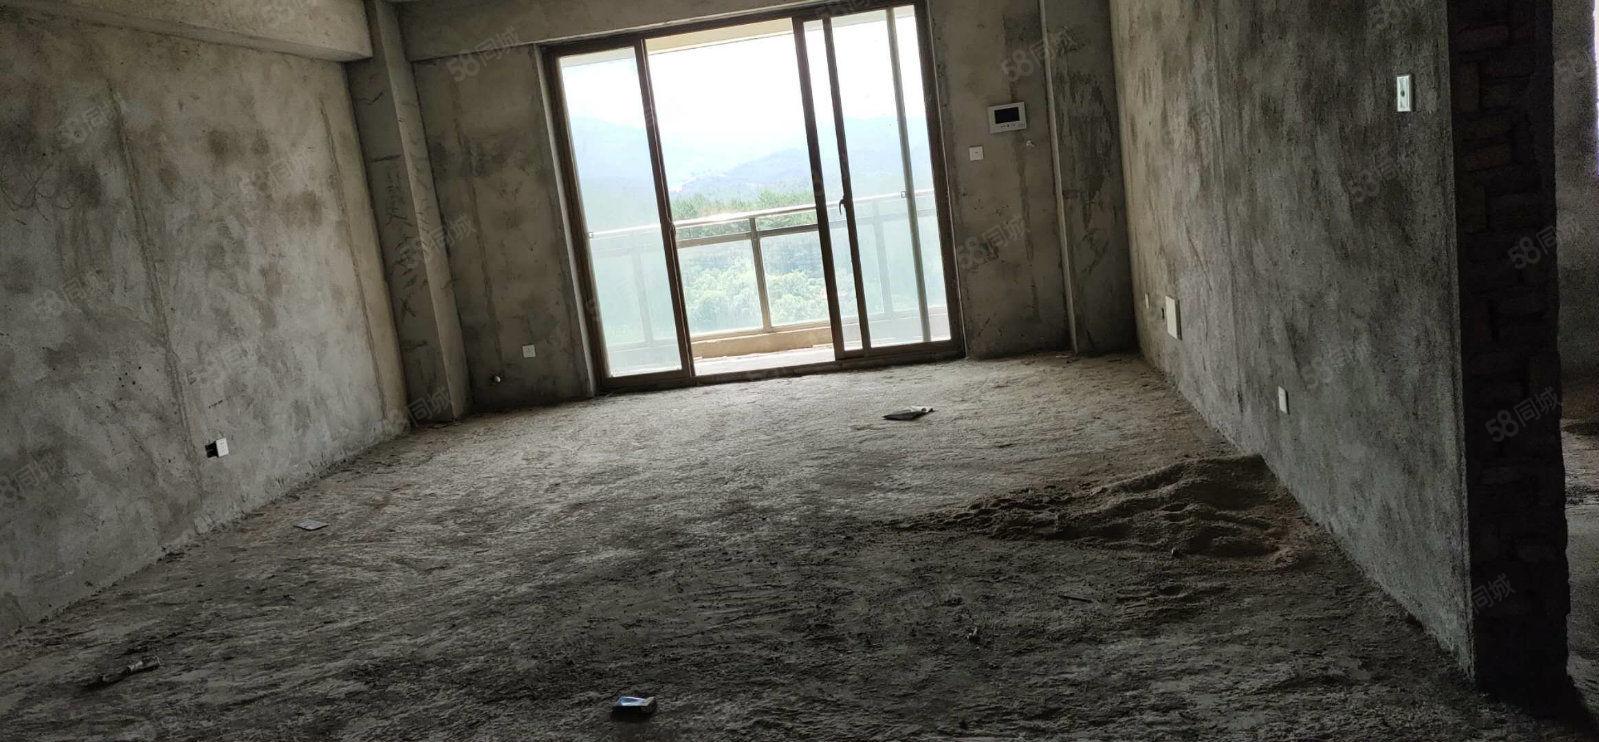 杭鑫汇景电梯高层4房南北朝向阳光视野无遮挡毛坯房